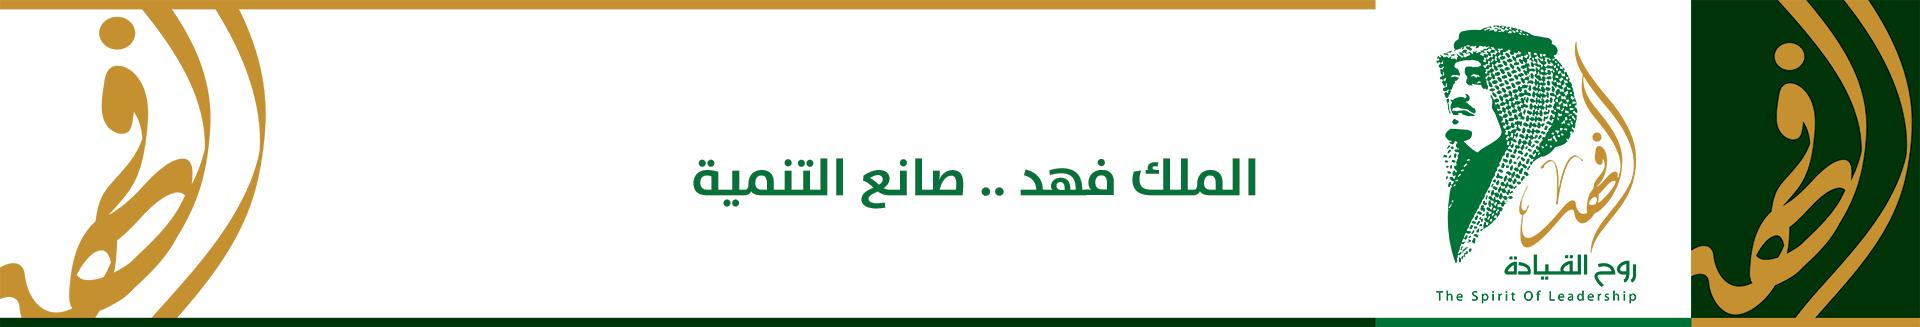 الملك فهد صانع التنمية